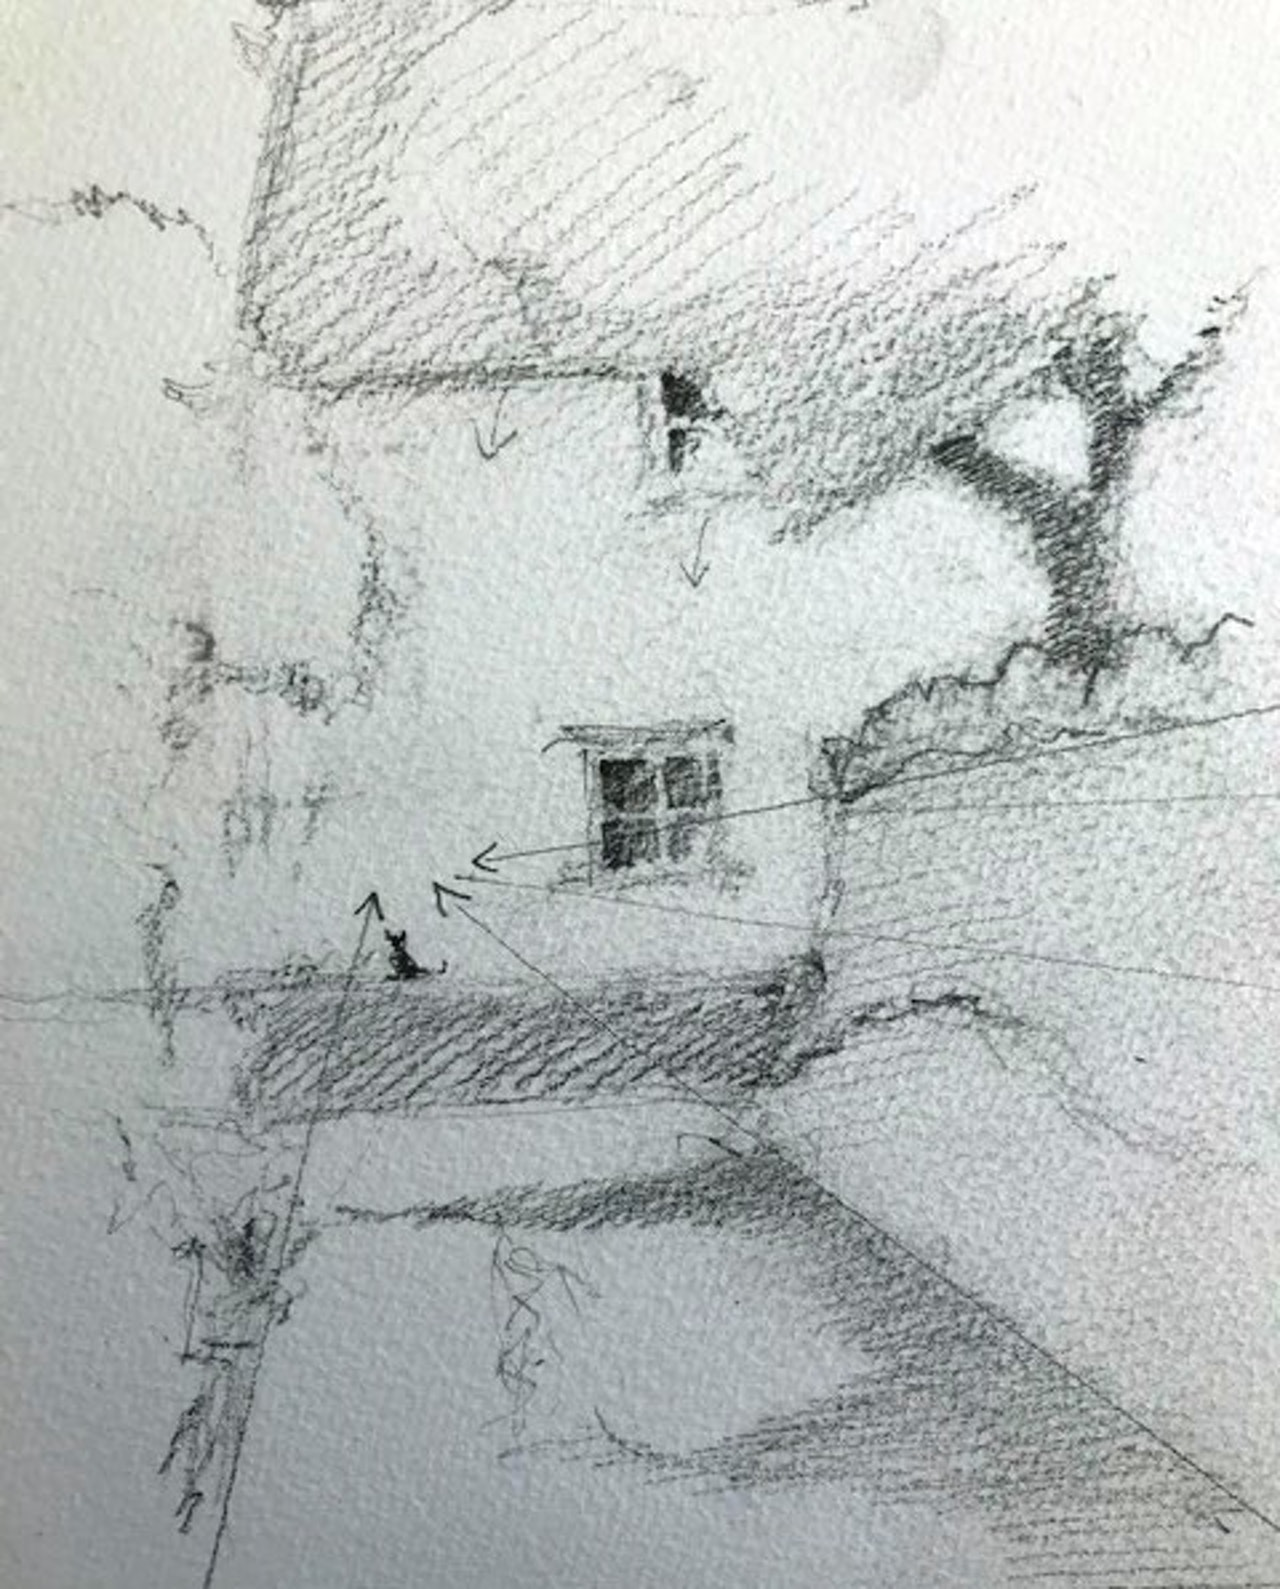 Lesson 5 Lane sketch